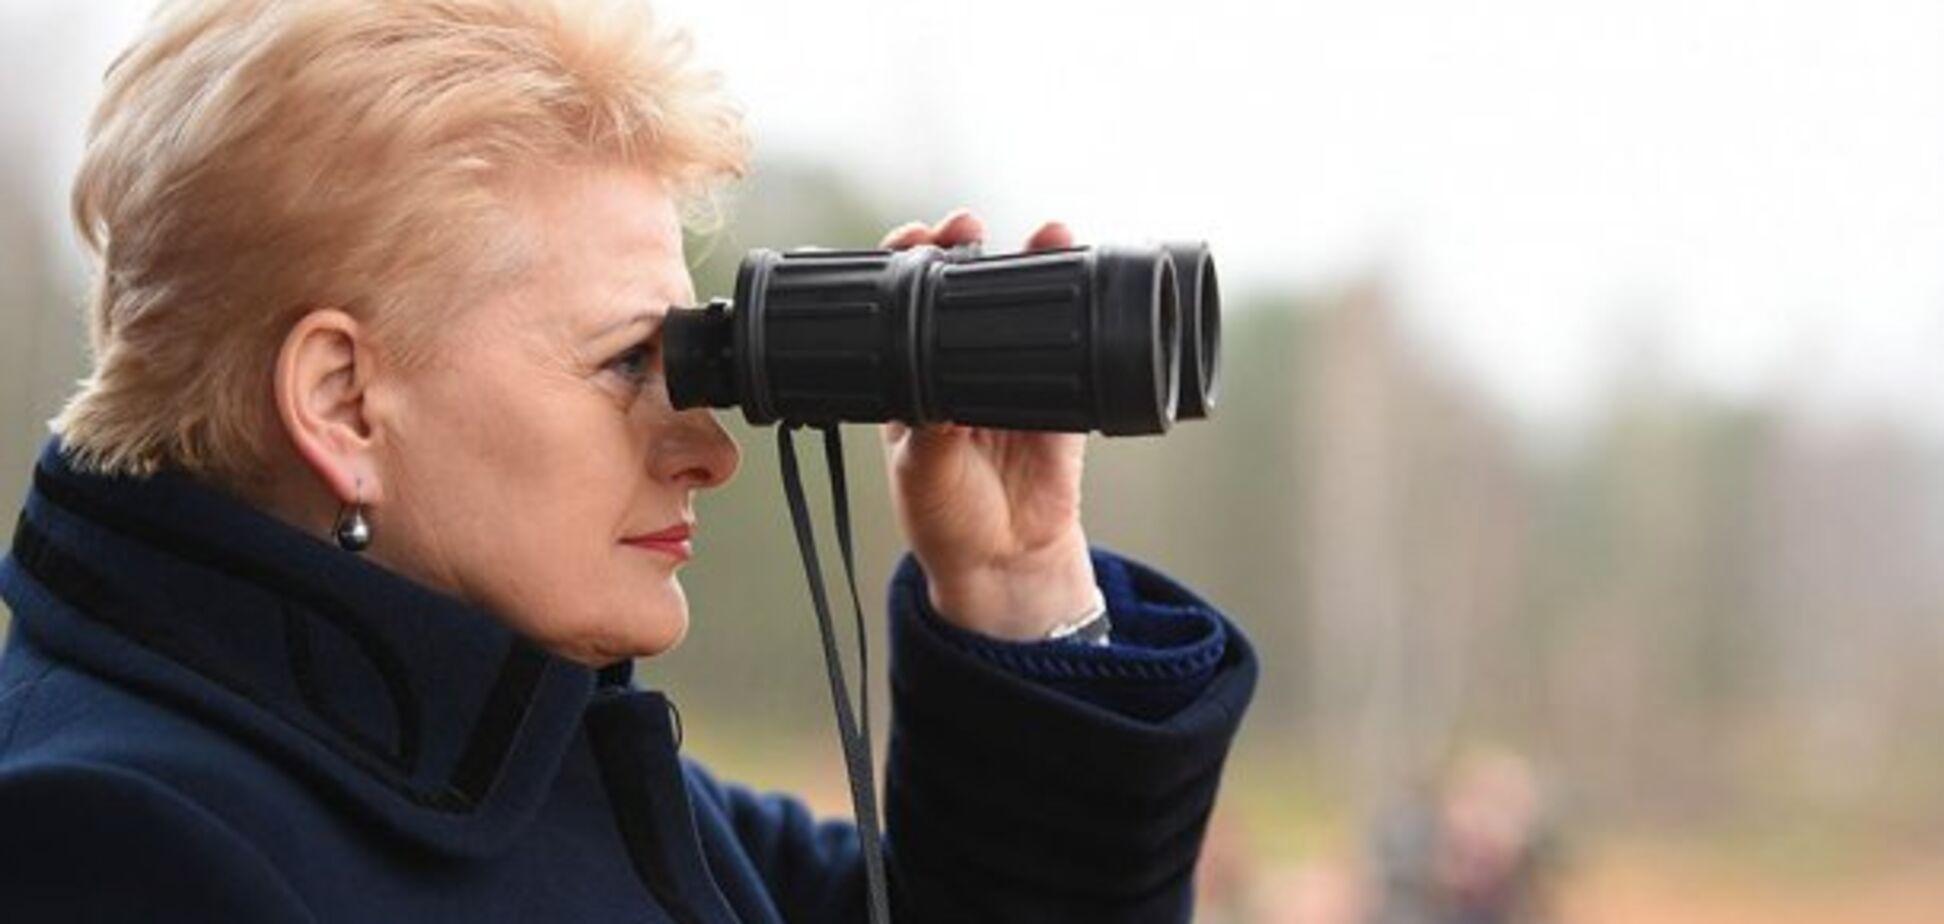 Литва готовится к наступлению России: Грибаускайте рассказала, что ее остановит